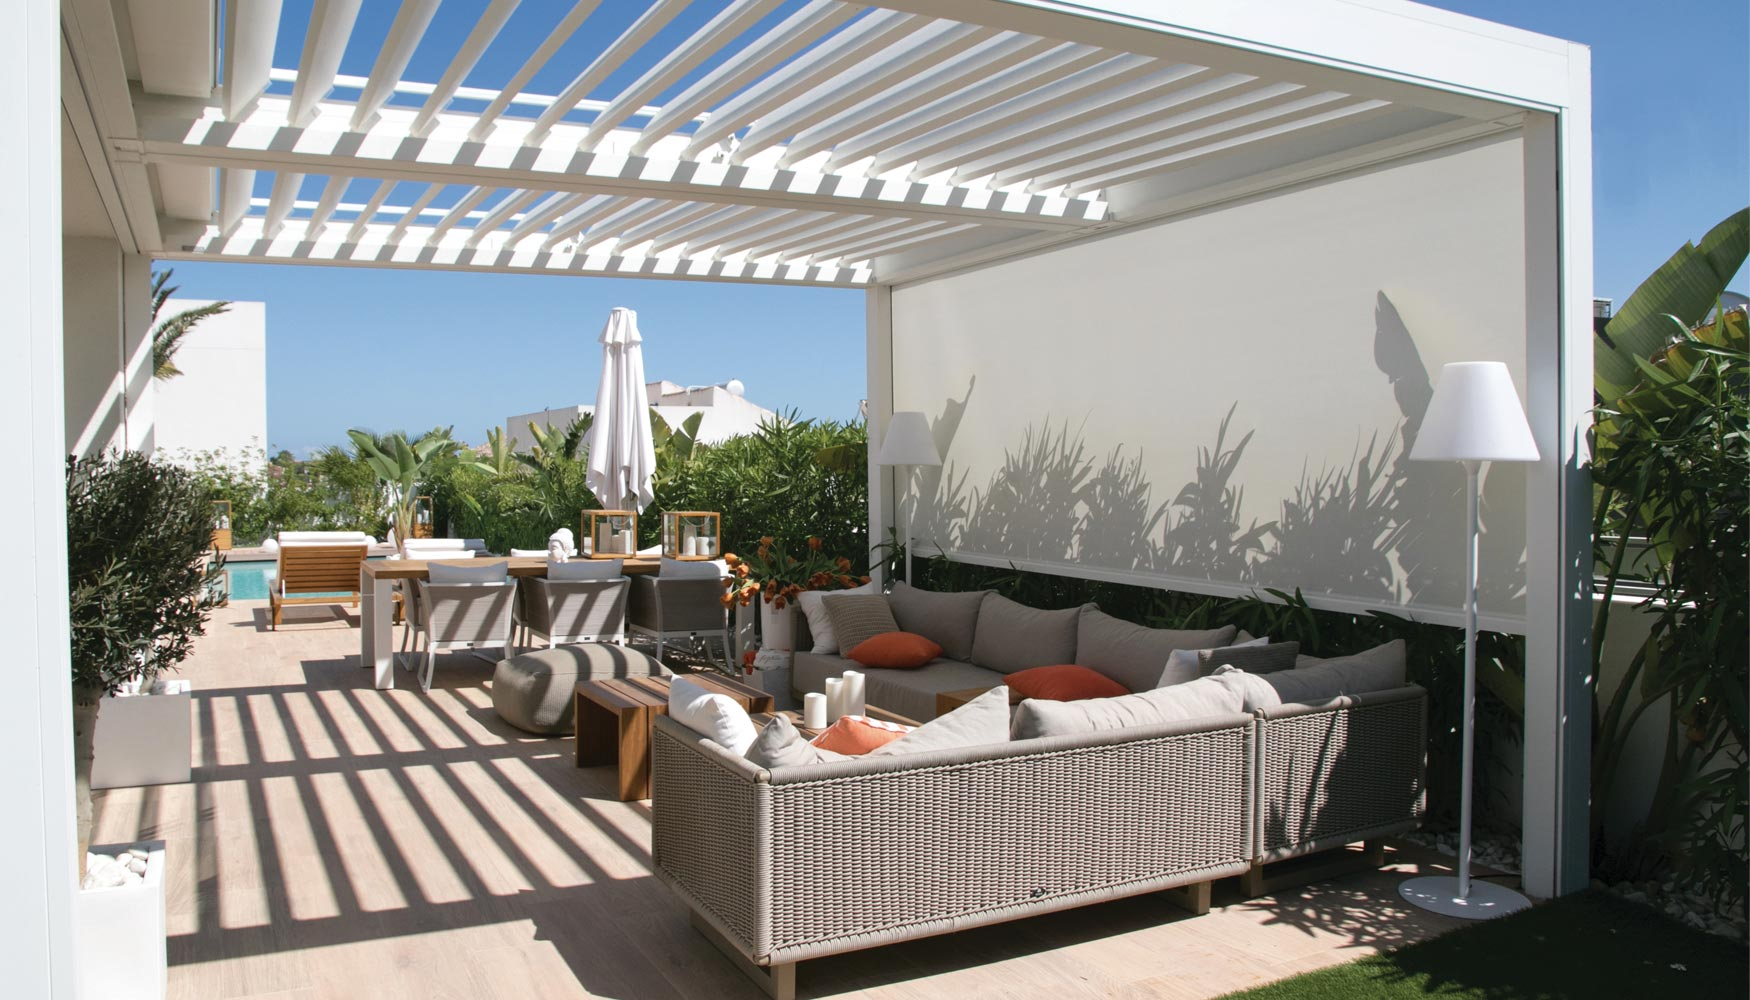 Brustor el poder de un pionero protecci n solar - Cubierta para terraza ...